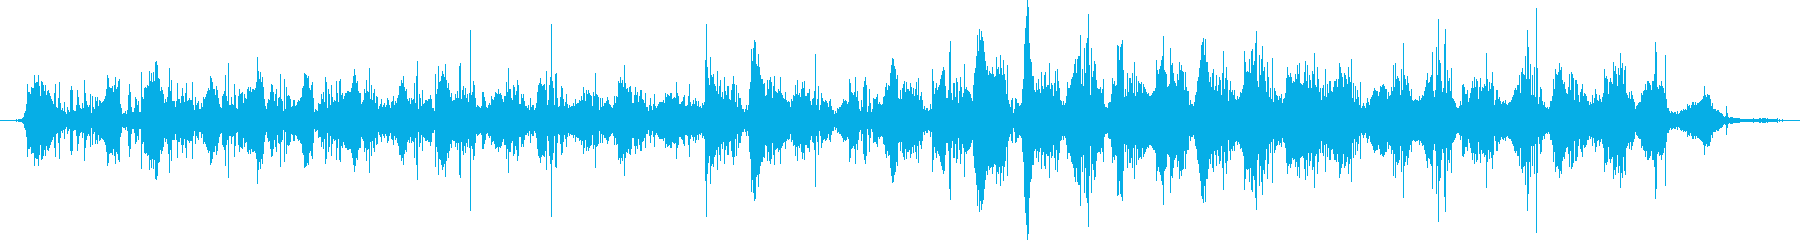 ルーズカリカリディープスノー:ラン...の再生済みの波形